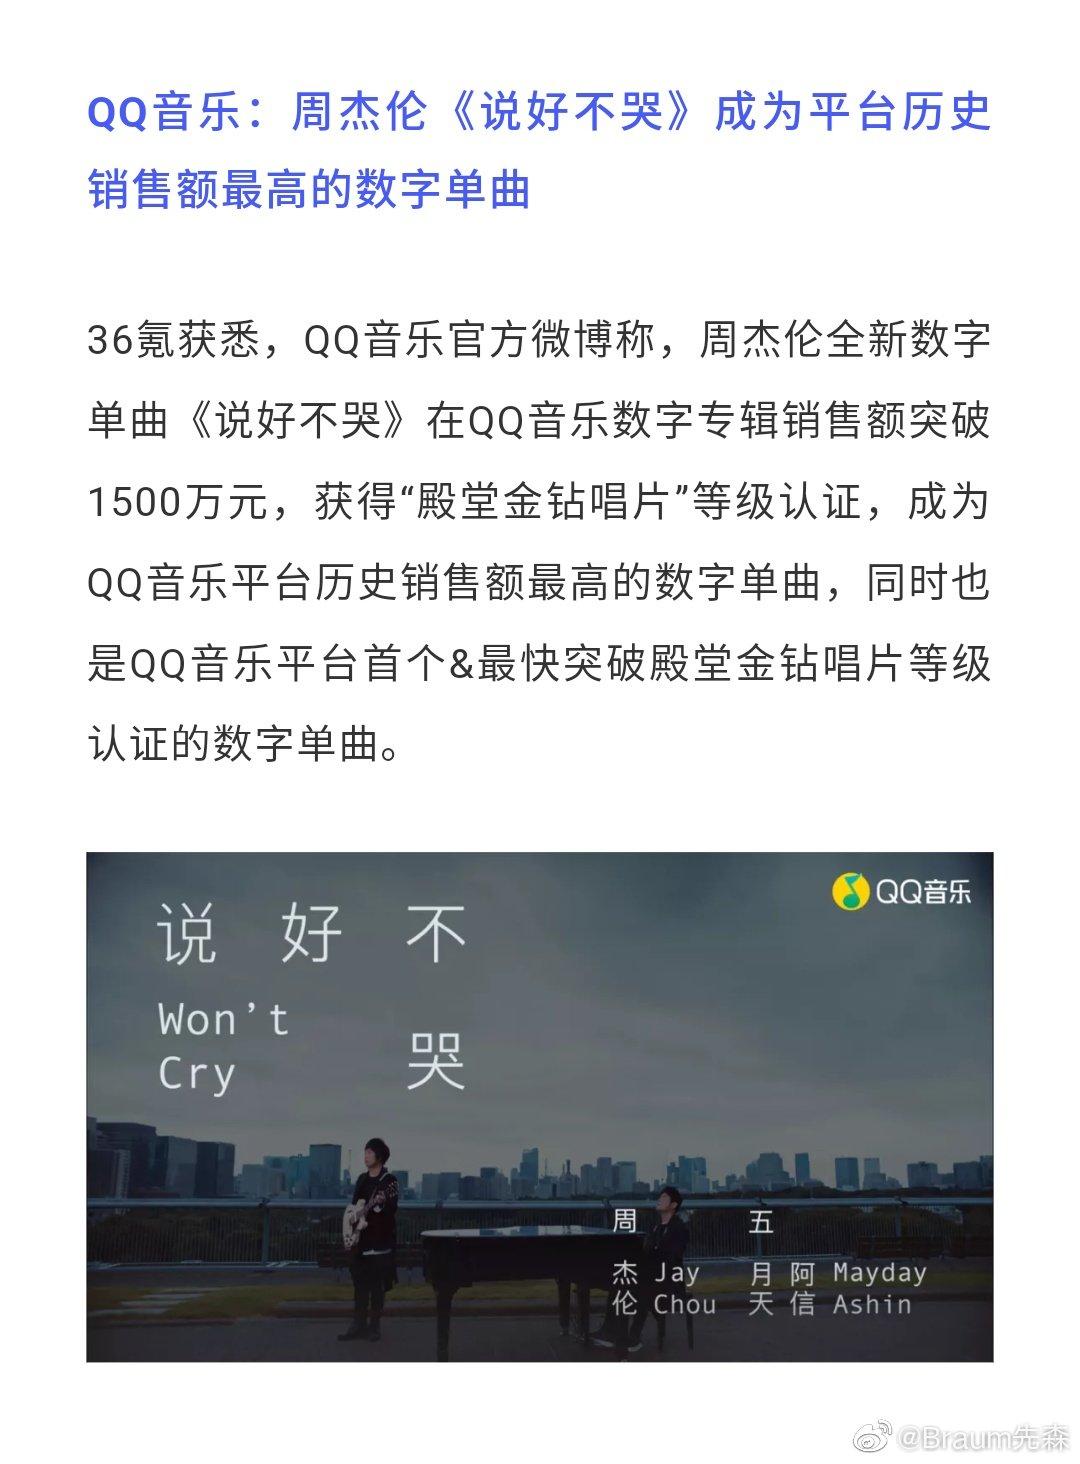 QQ音乐宣布周杰伦《说好不哭》成为平台历史销售额最高的数字单曲我